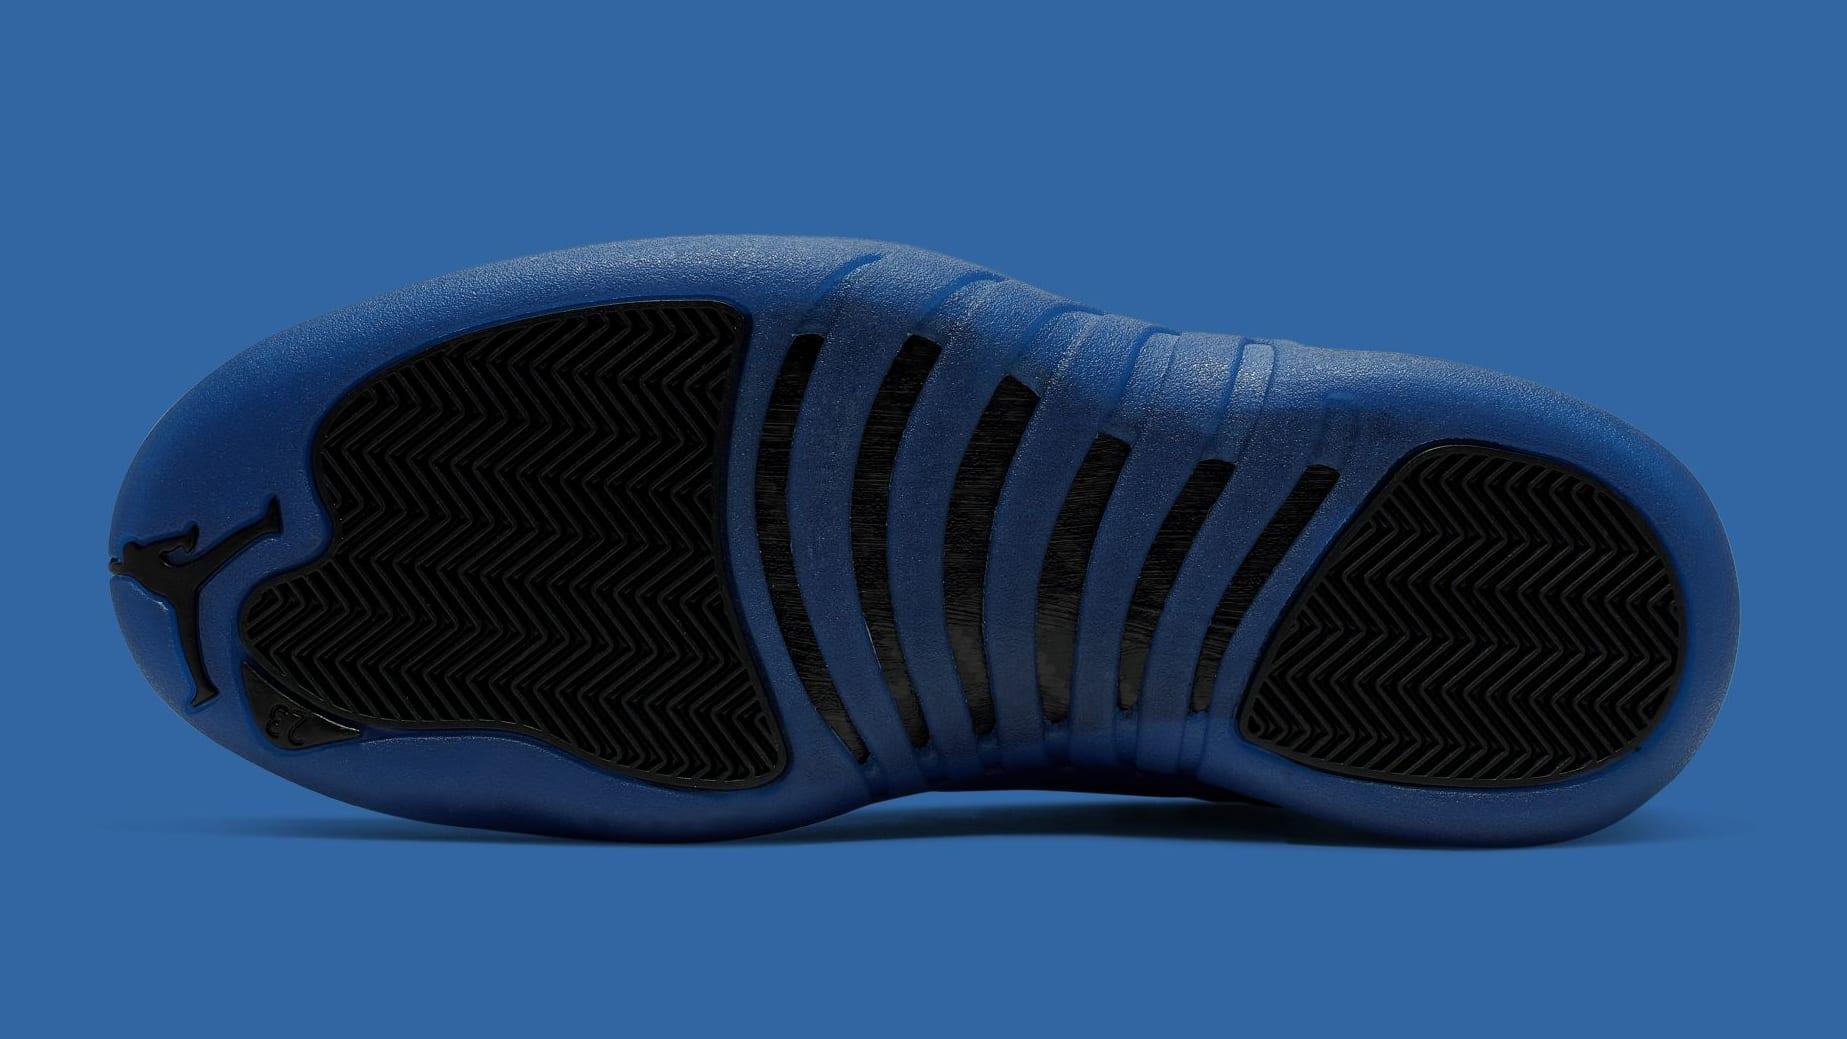 Air Jordan 12 Retro 'Black/Game Royal' 130690-014 (Sole)